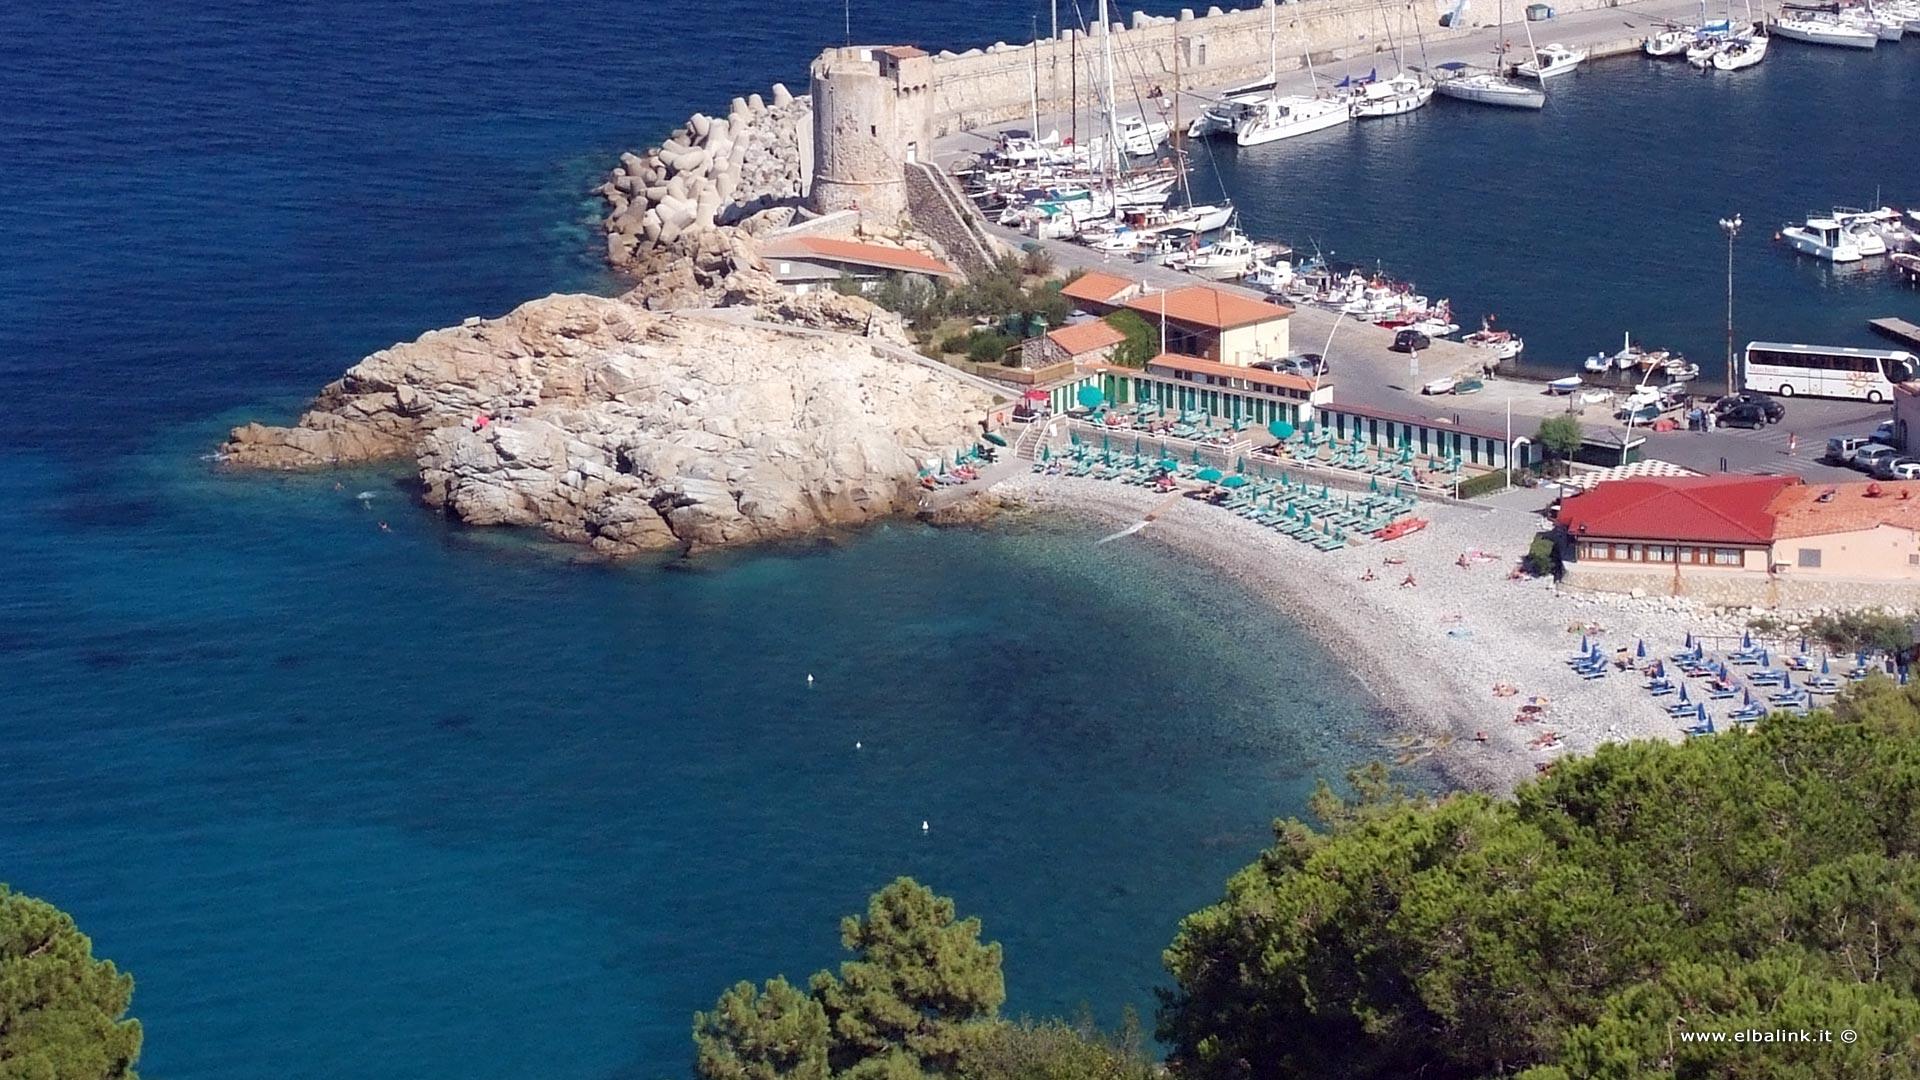 Strand della Fenicia in Marciana Marina, Insel Elba